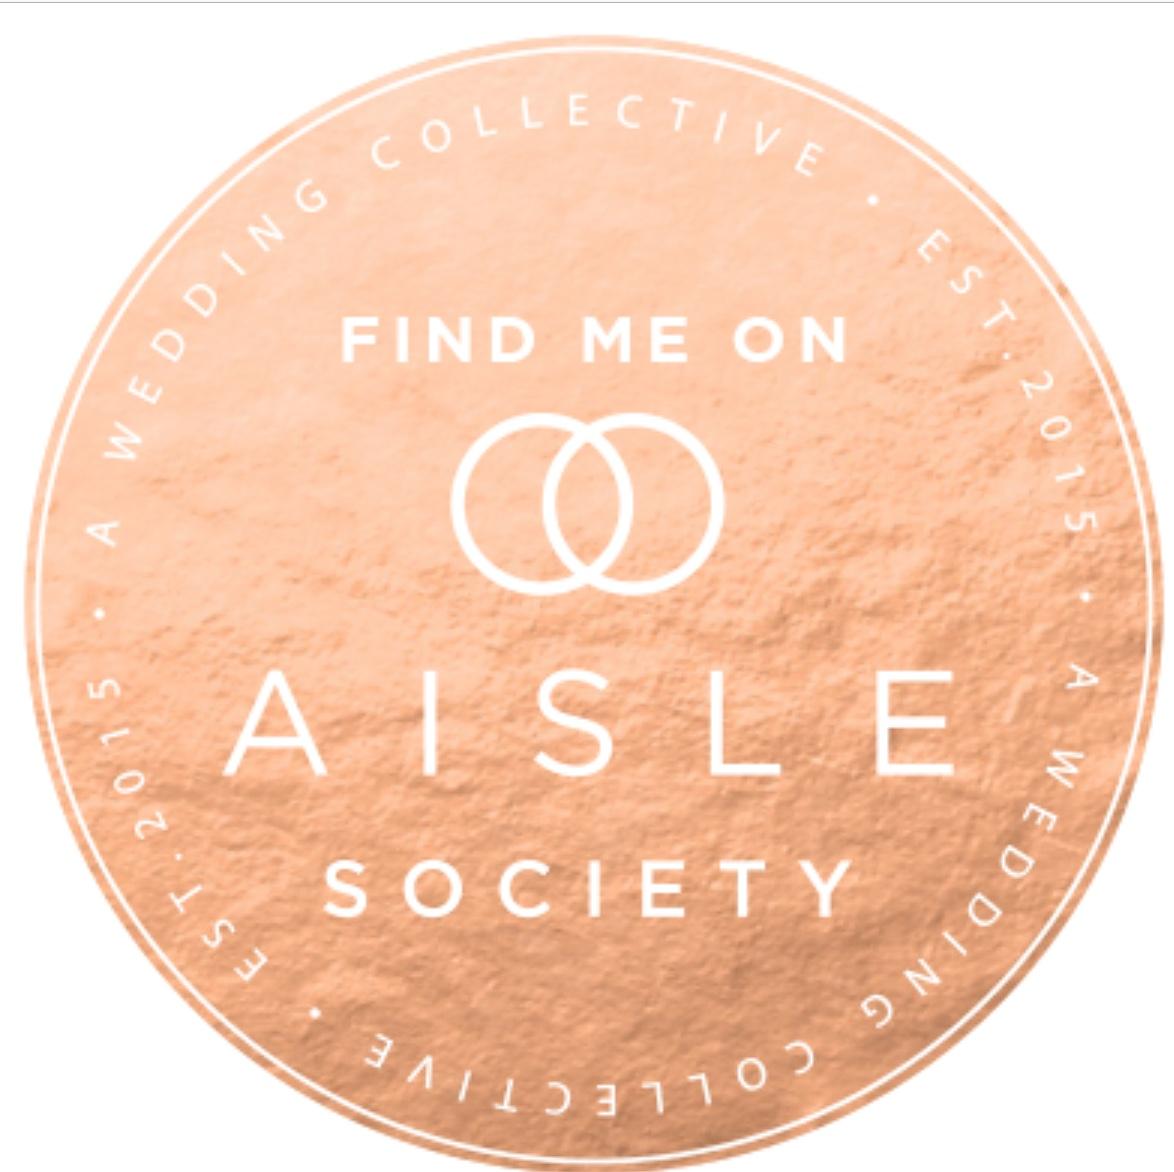 aisle society badge3.jpg